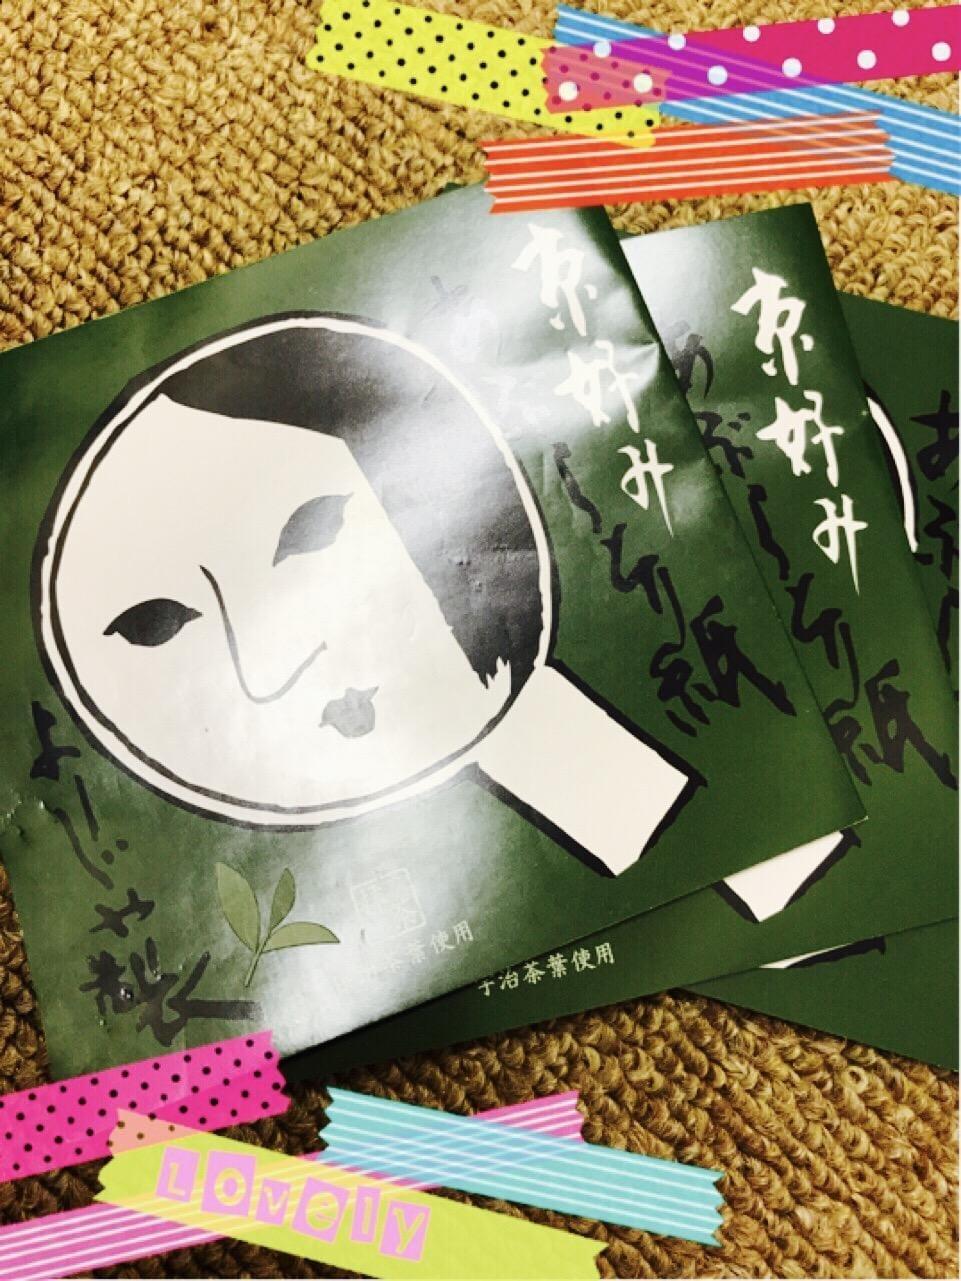 「よーじやといえば( ^ω^ )」02/19(月) 00:20 | 大塚 ゆみこの写メ・風俗動画